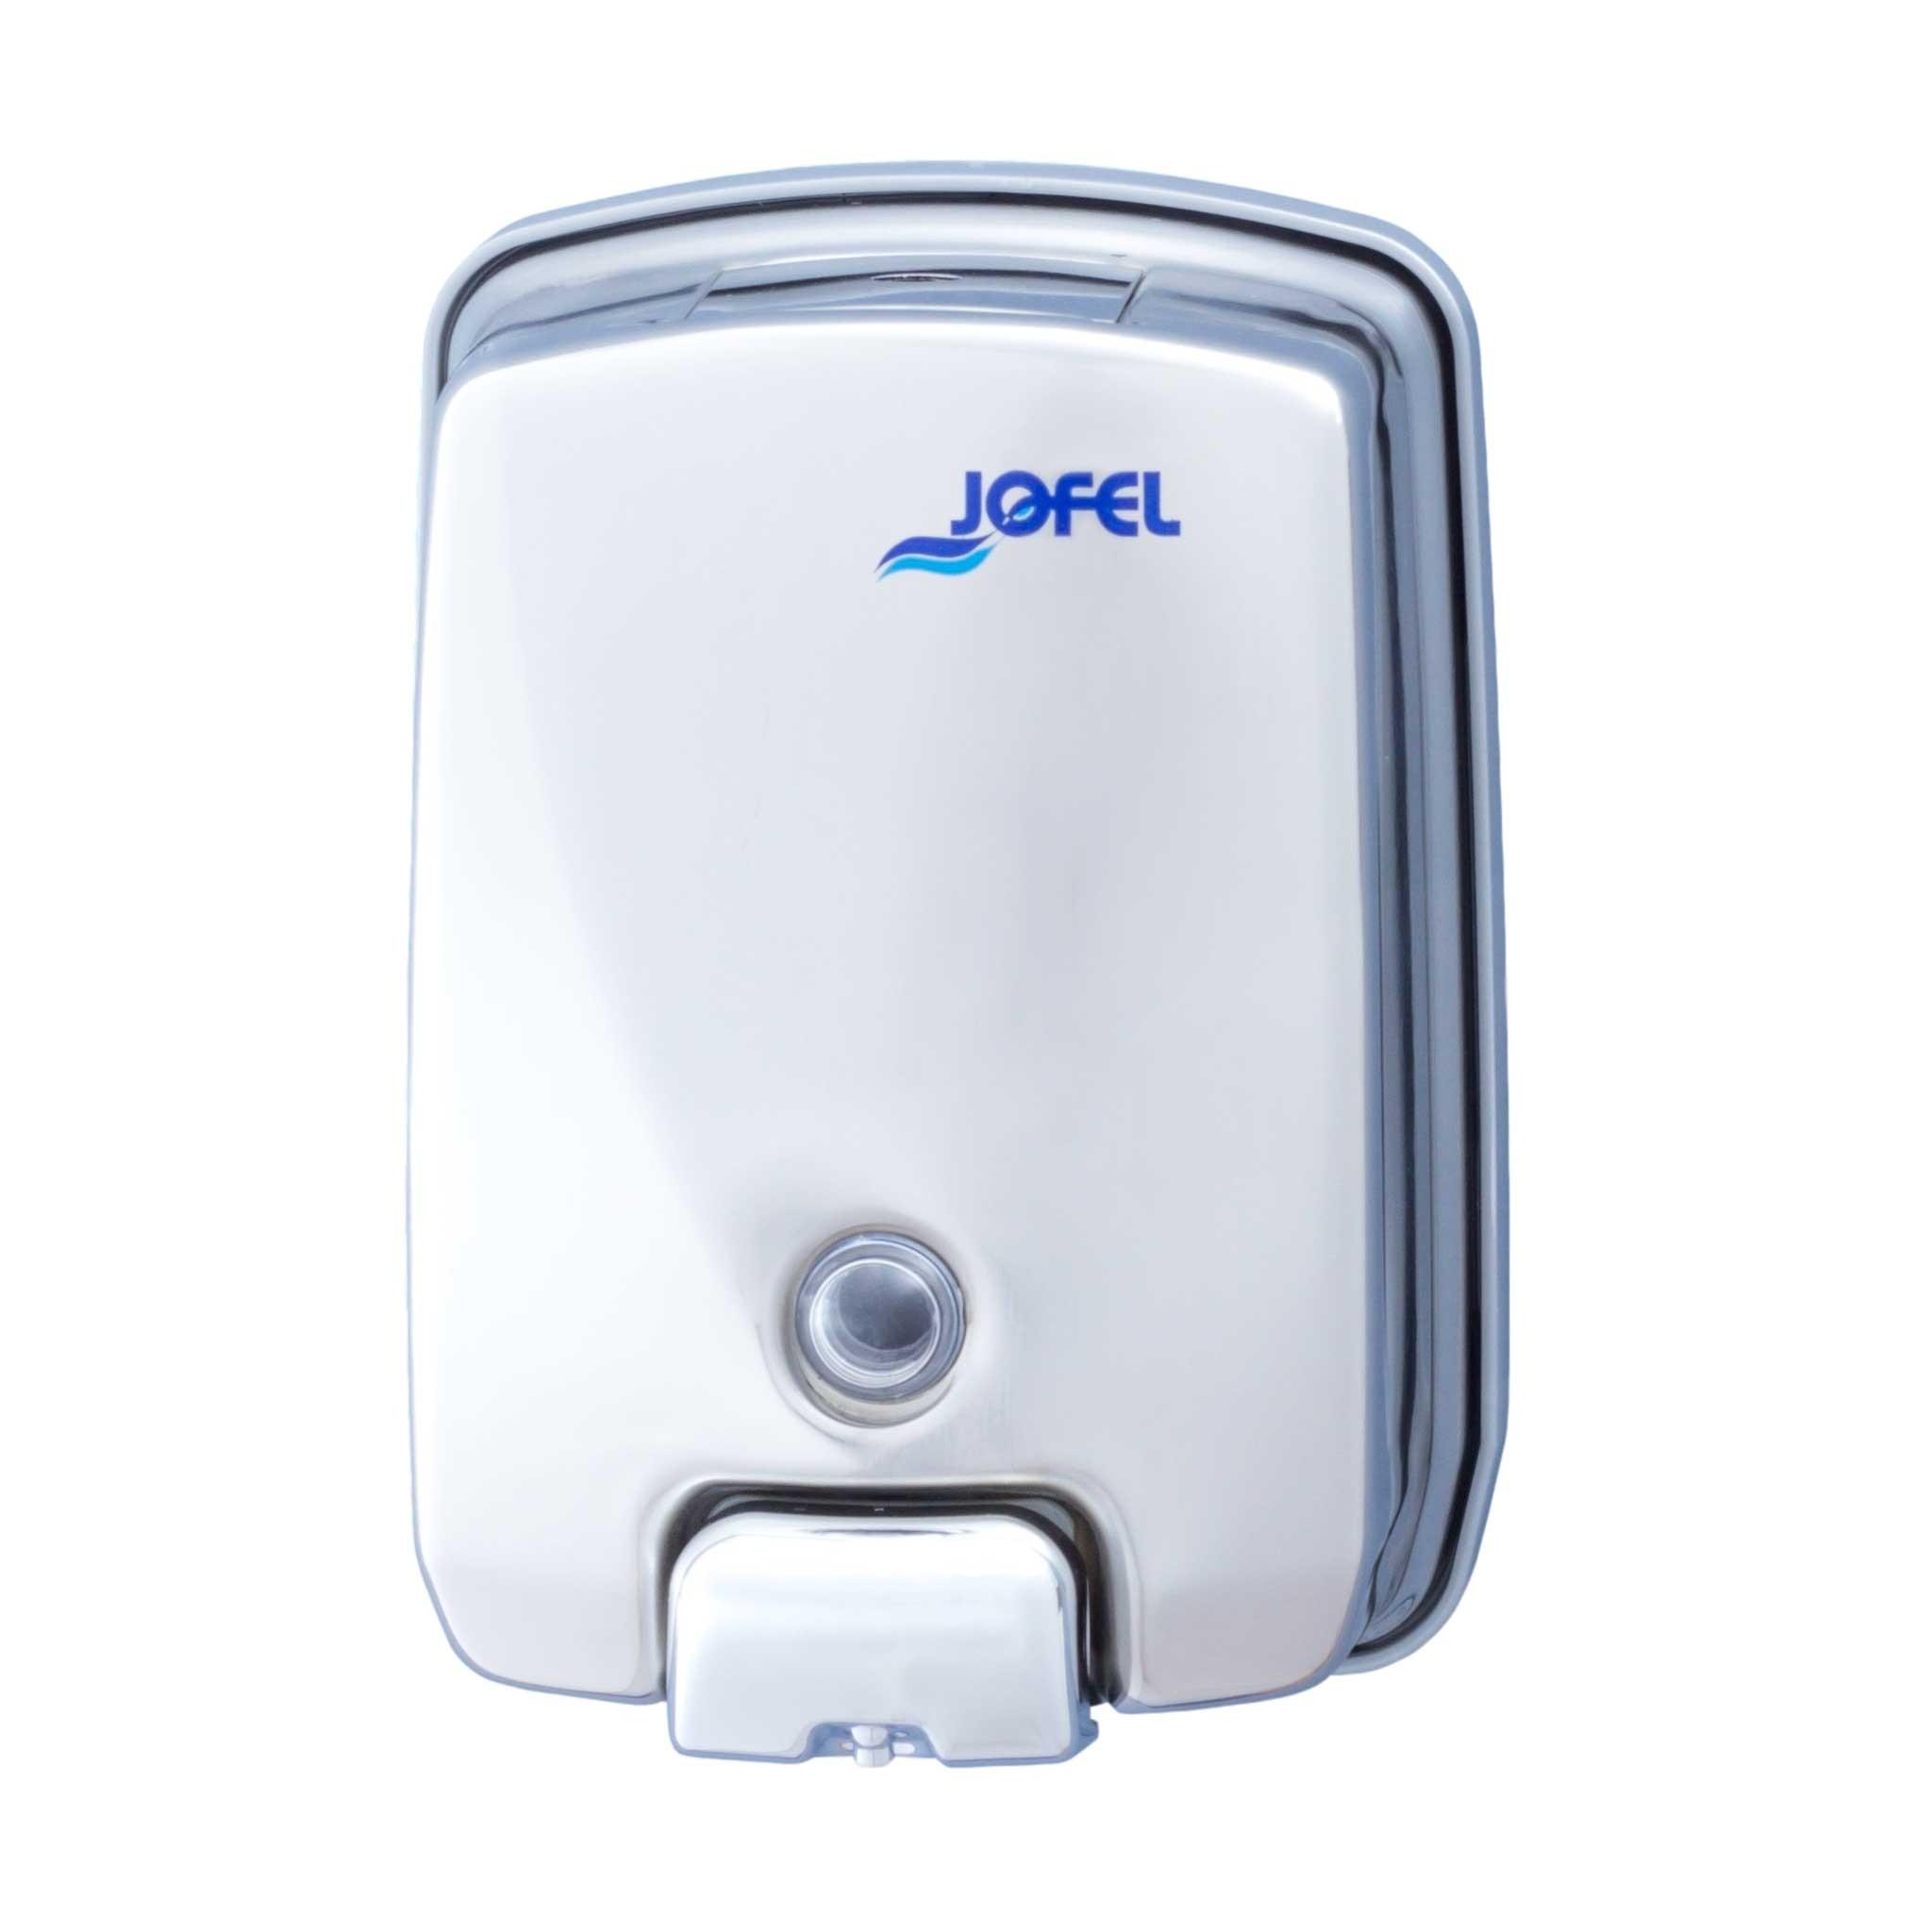 Μεταλλική σαπουνοθήκη Jofel Futura Shiny AC54500